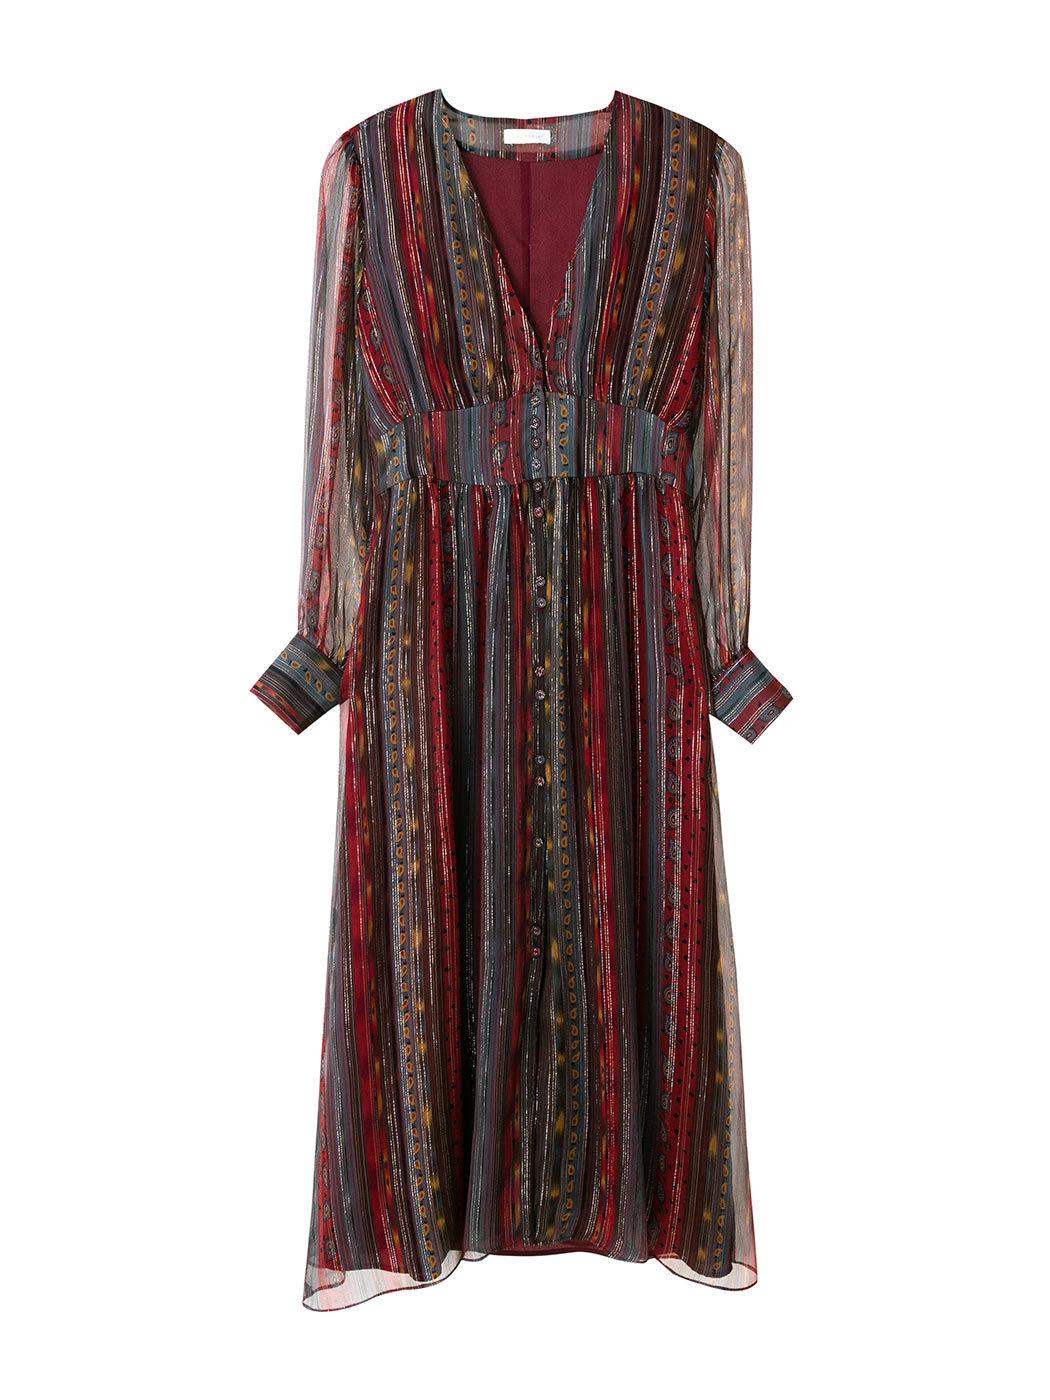 El vestido de Intropia agotado ya en la web de la firma.